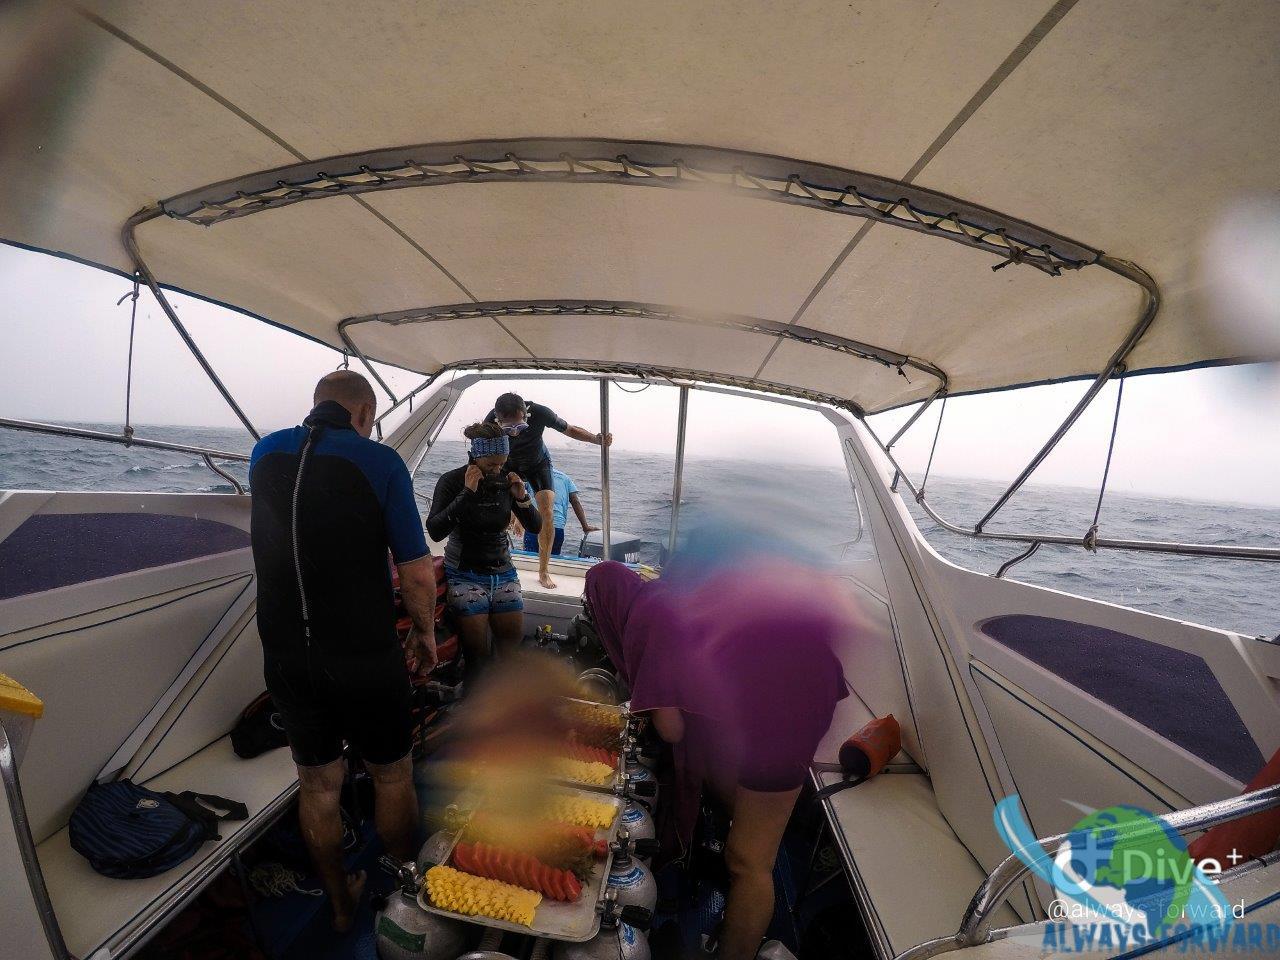 ungemütlich auf dem Boot